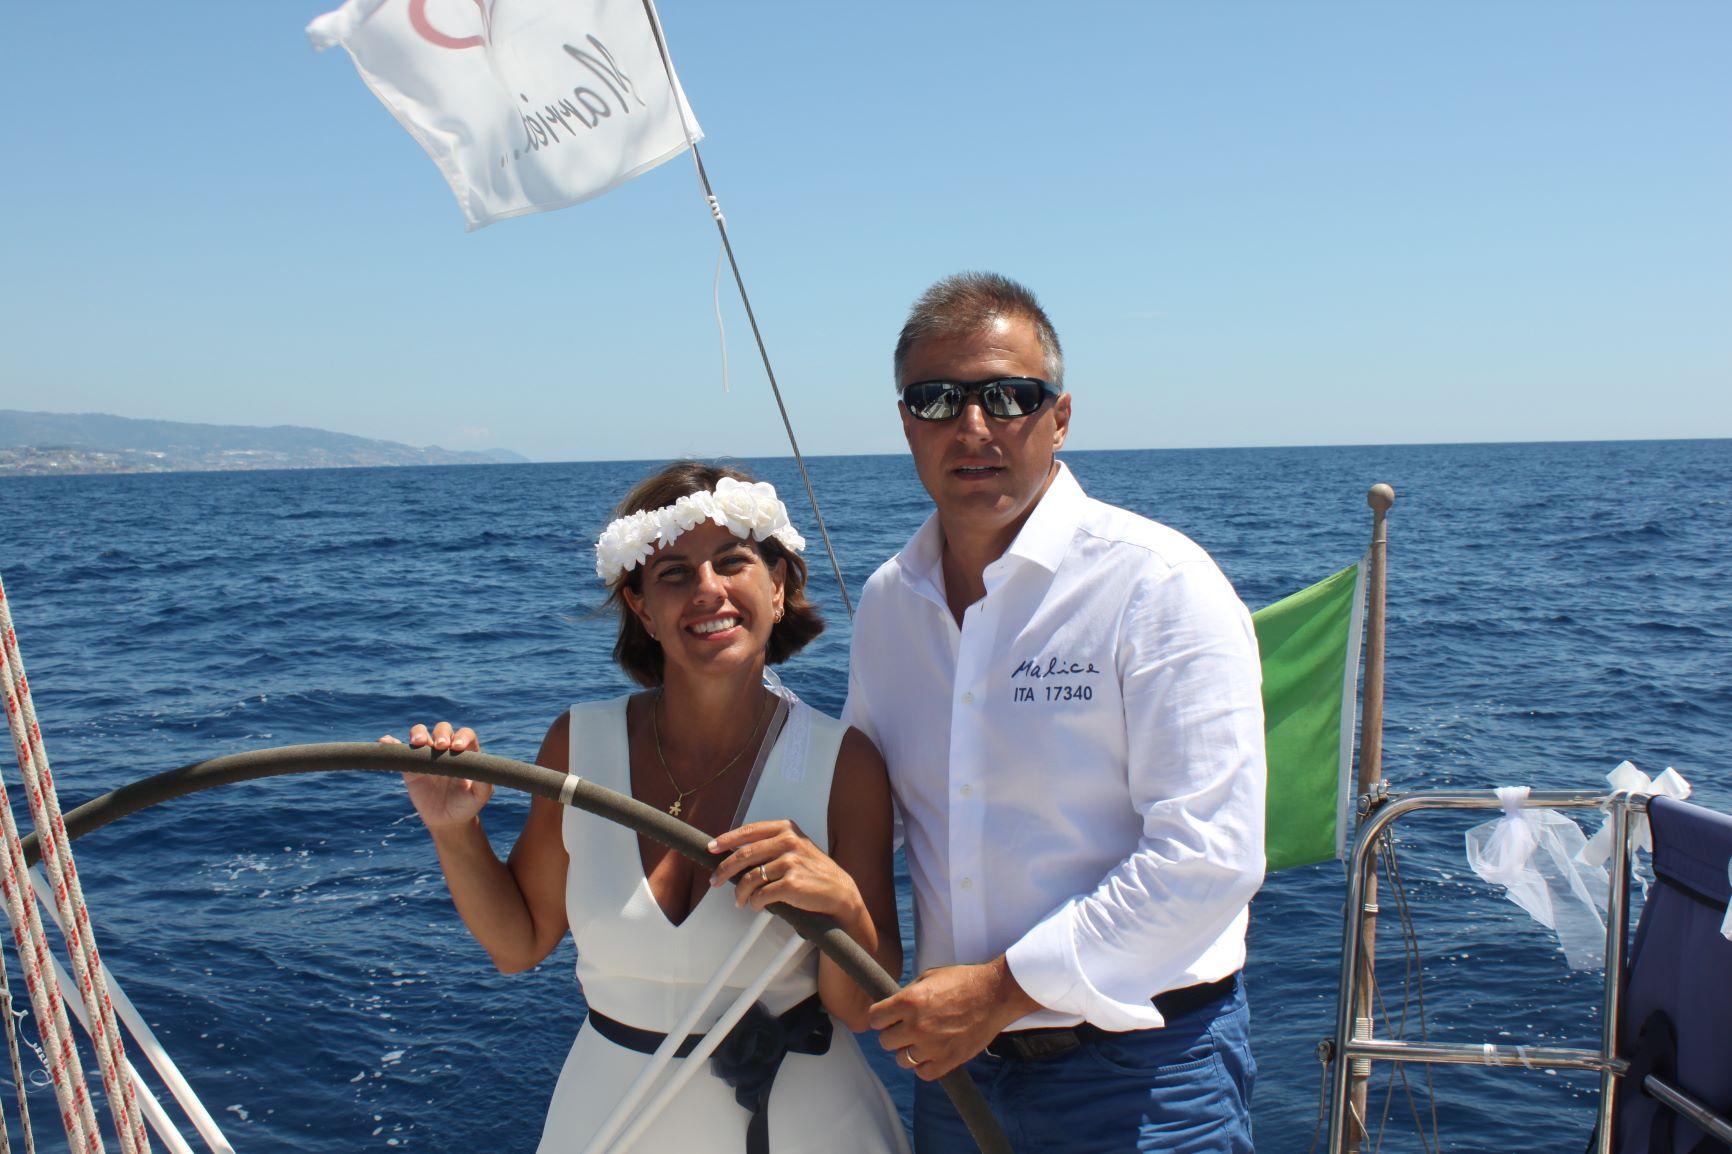 Matrimonio In Barca : Matrimonio in barca archives giornale della vela